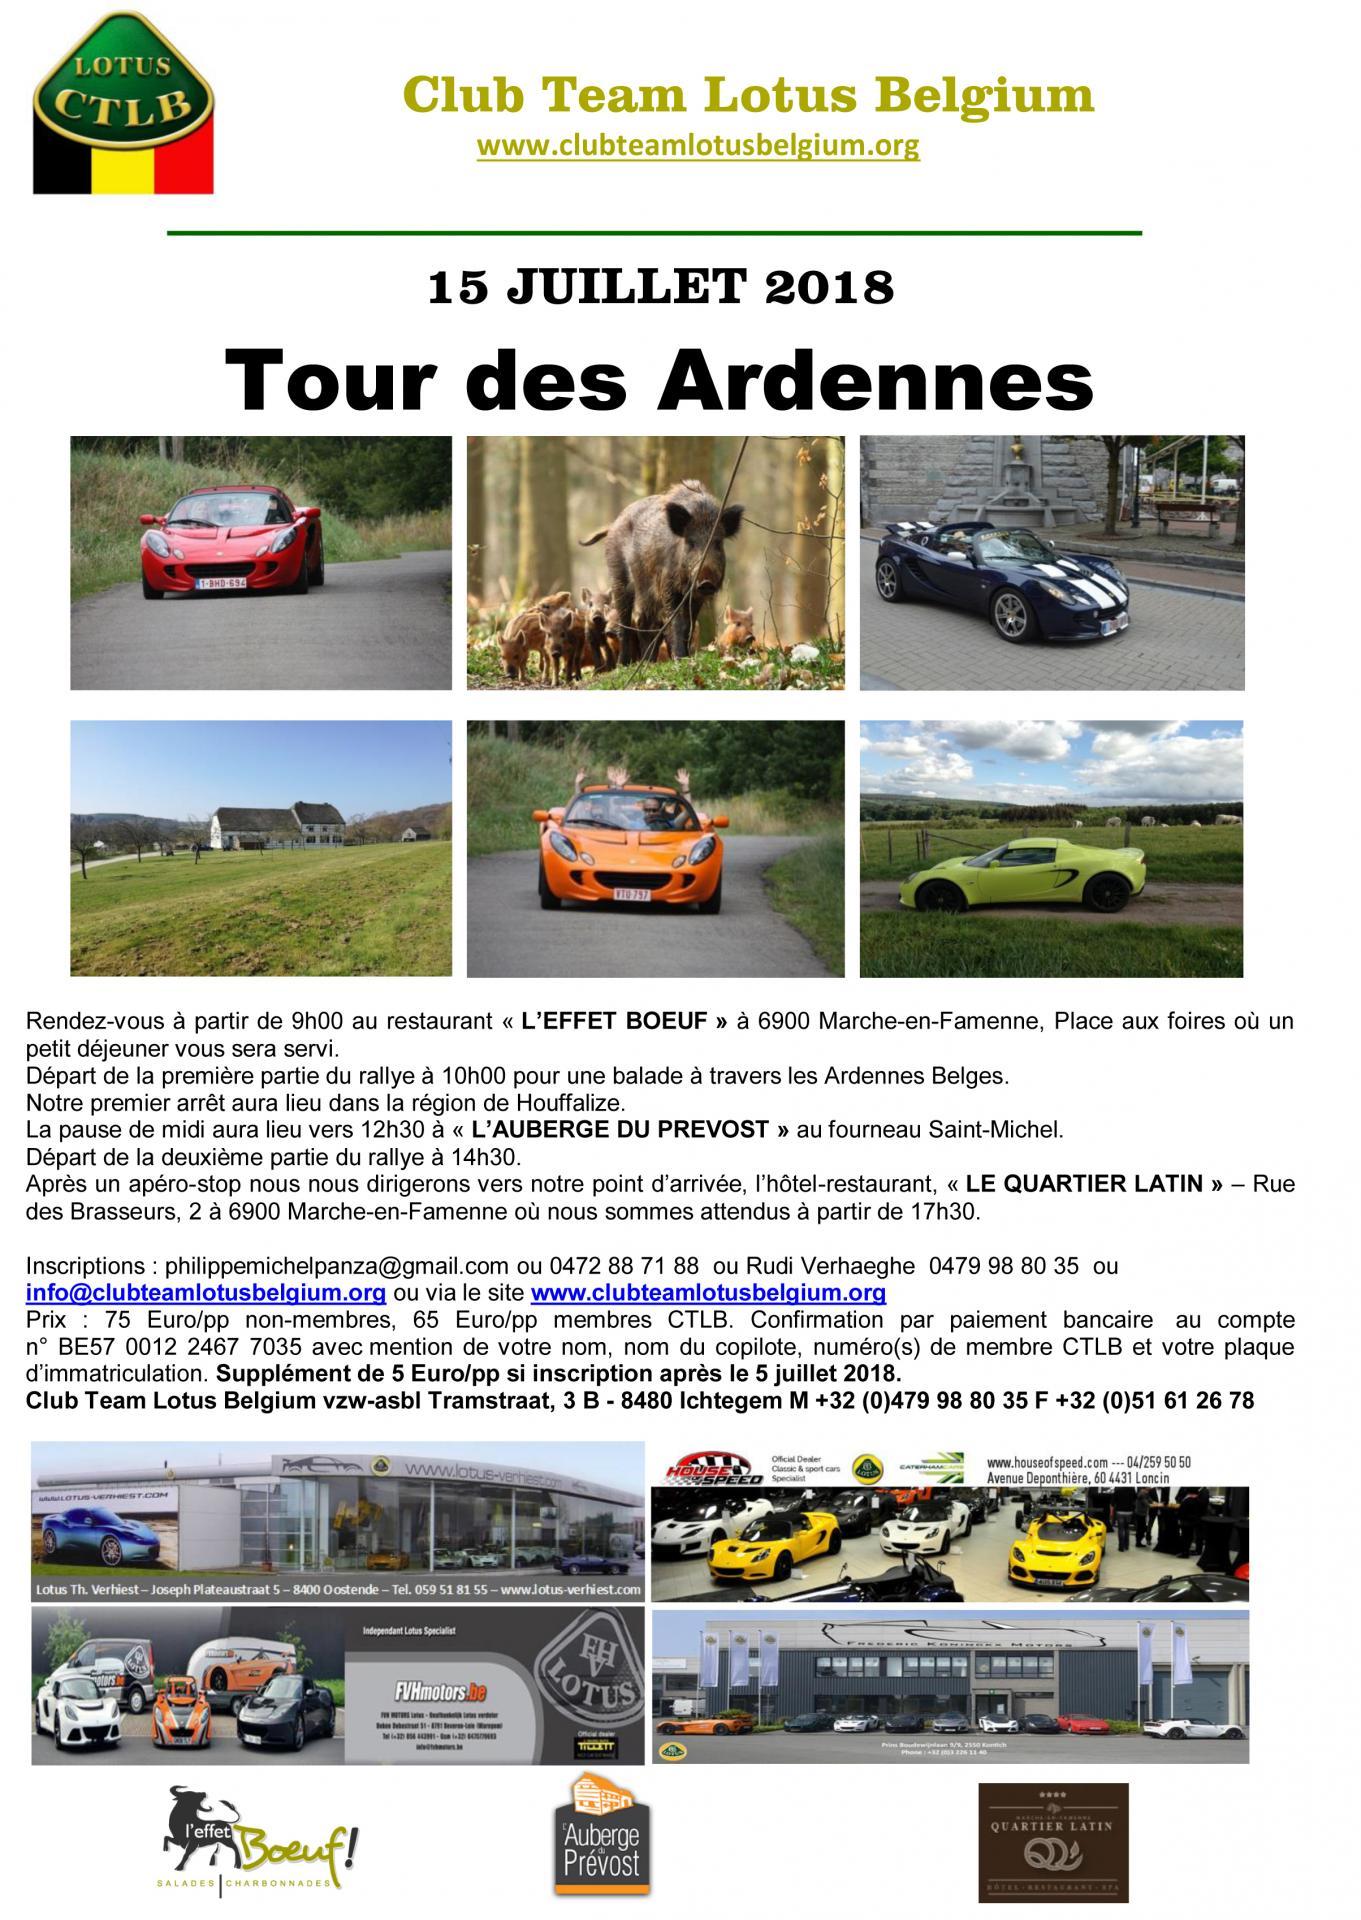 Invitation tour des ardennes 2018